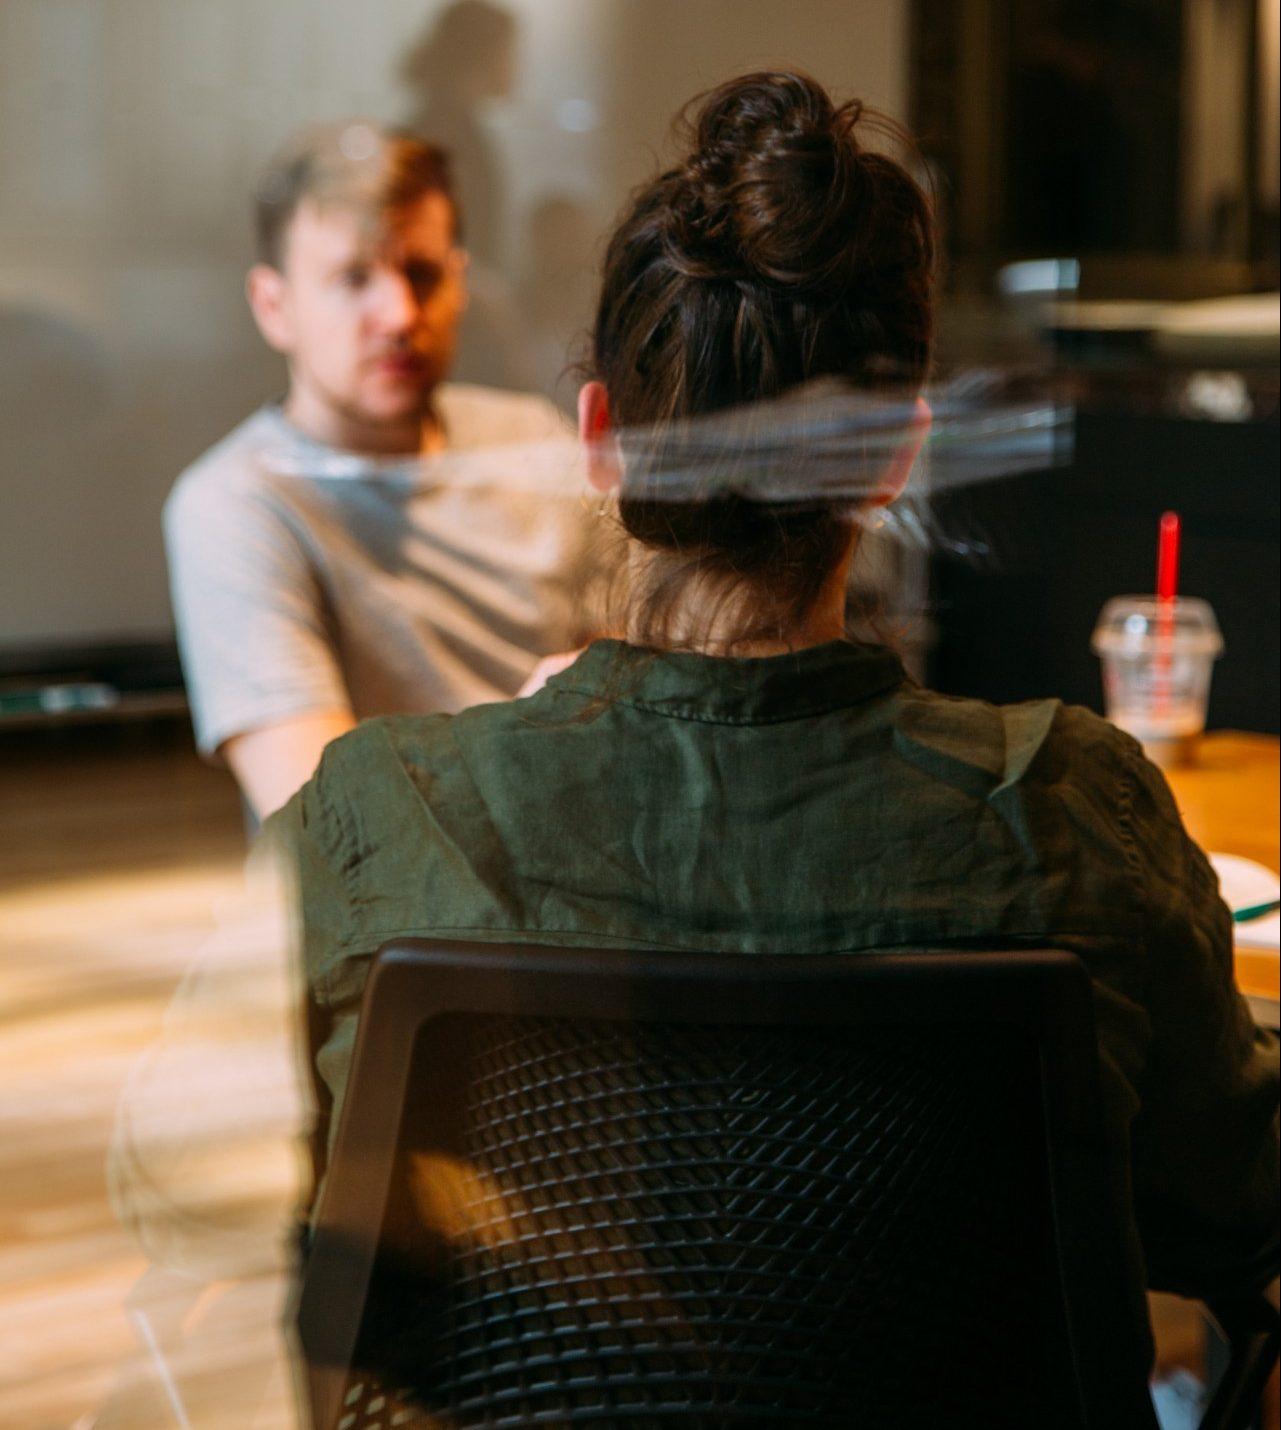 drei Tipps drei Pflege-Coaches, Pflege-Coach im Gespräch mit Mitarbeiterin